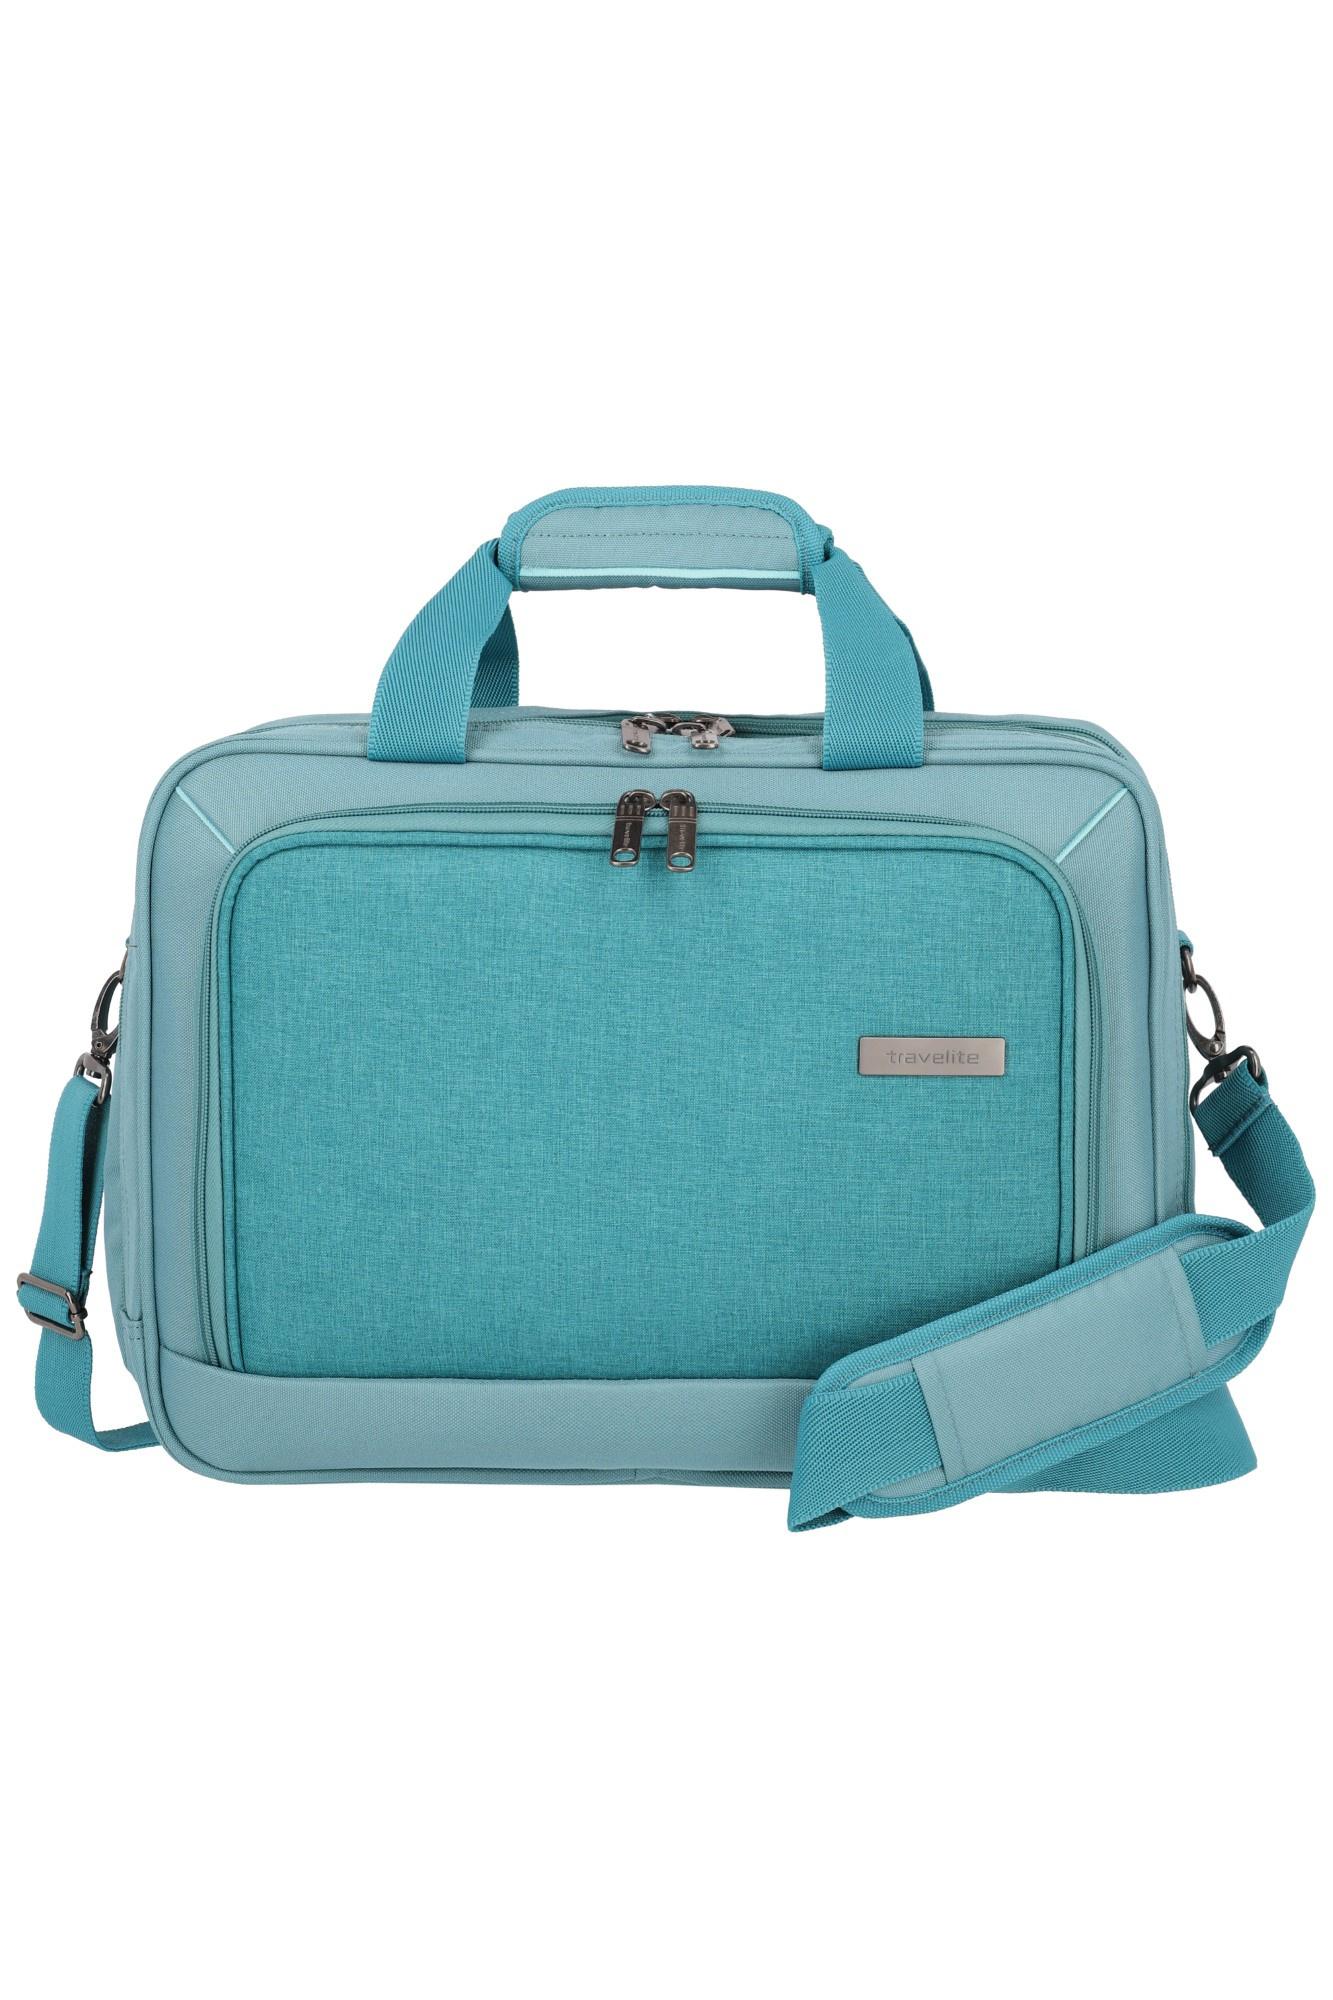 Travelite Arona Boardbag 090244 Aqua